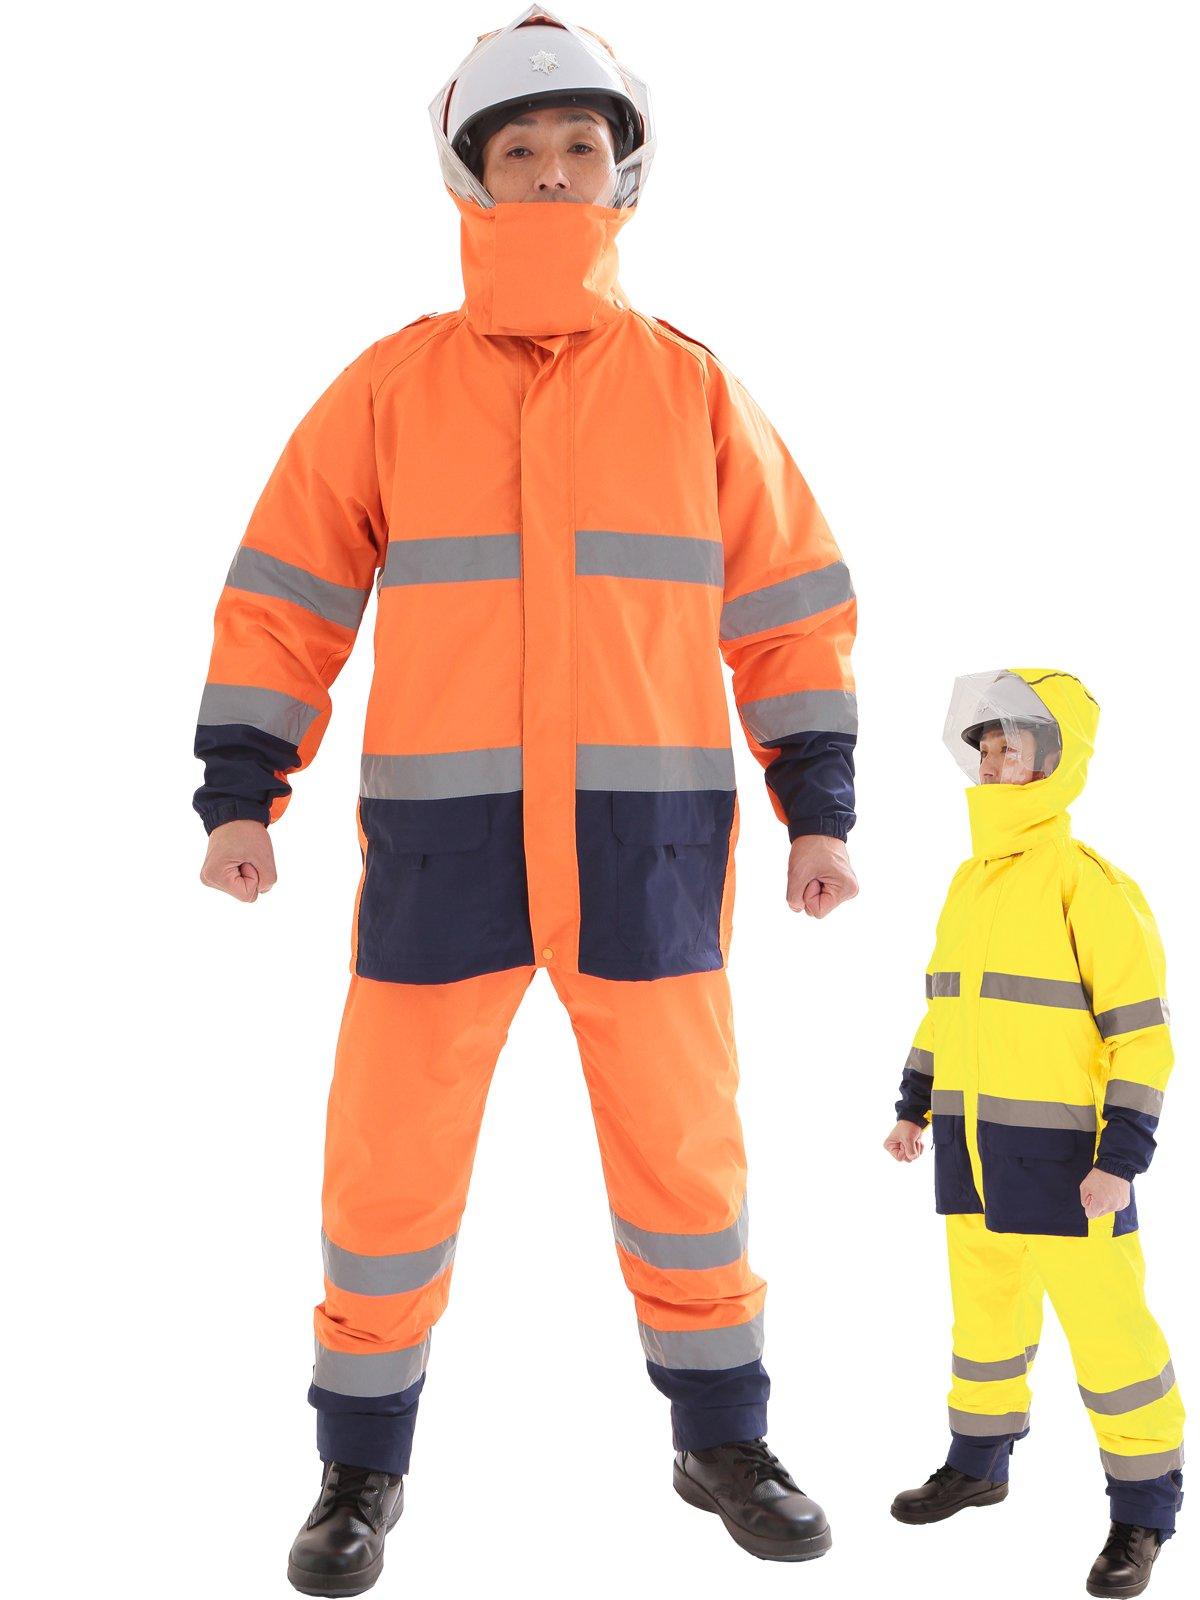 スパーダ ストレッチレイン(消防レインウェア カッパ 雨衣)